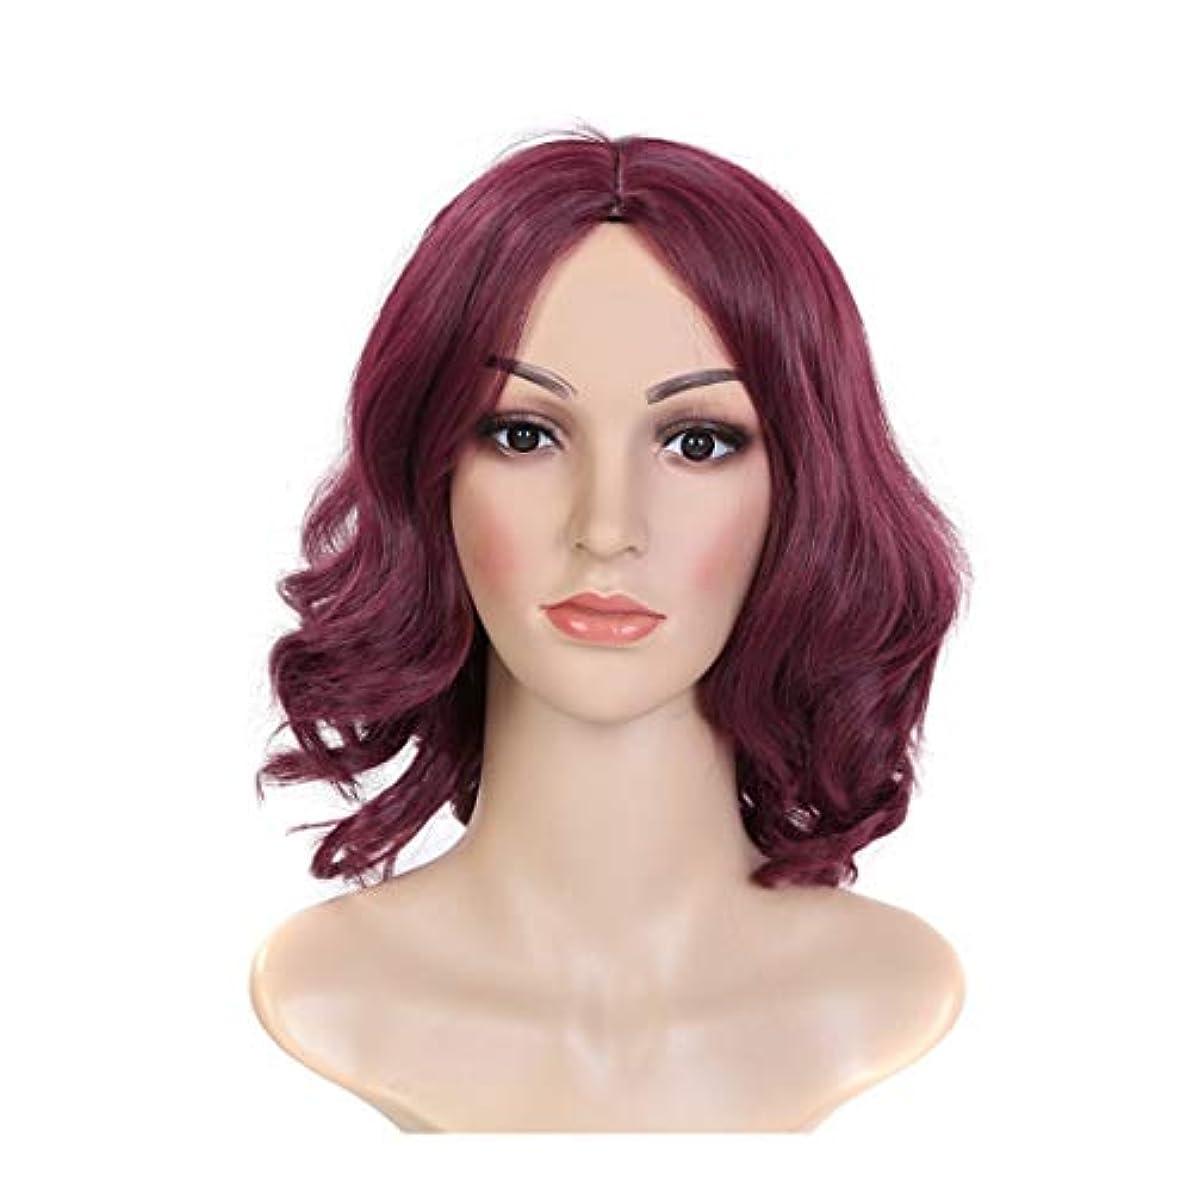 黒インポート旋回YOUQIU 女性のかつらのためのワインレッド気質スプリットかつらヘッドギア剃った顔短い巻き毛のかつら (色 : Red wine)